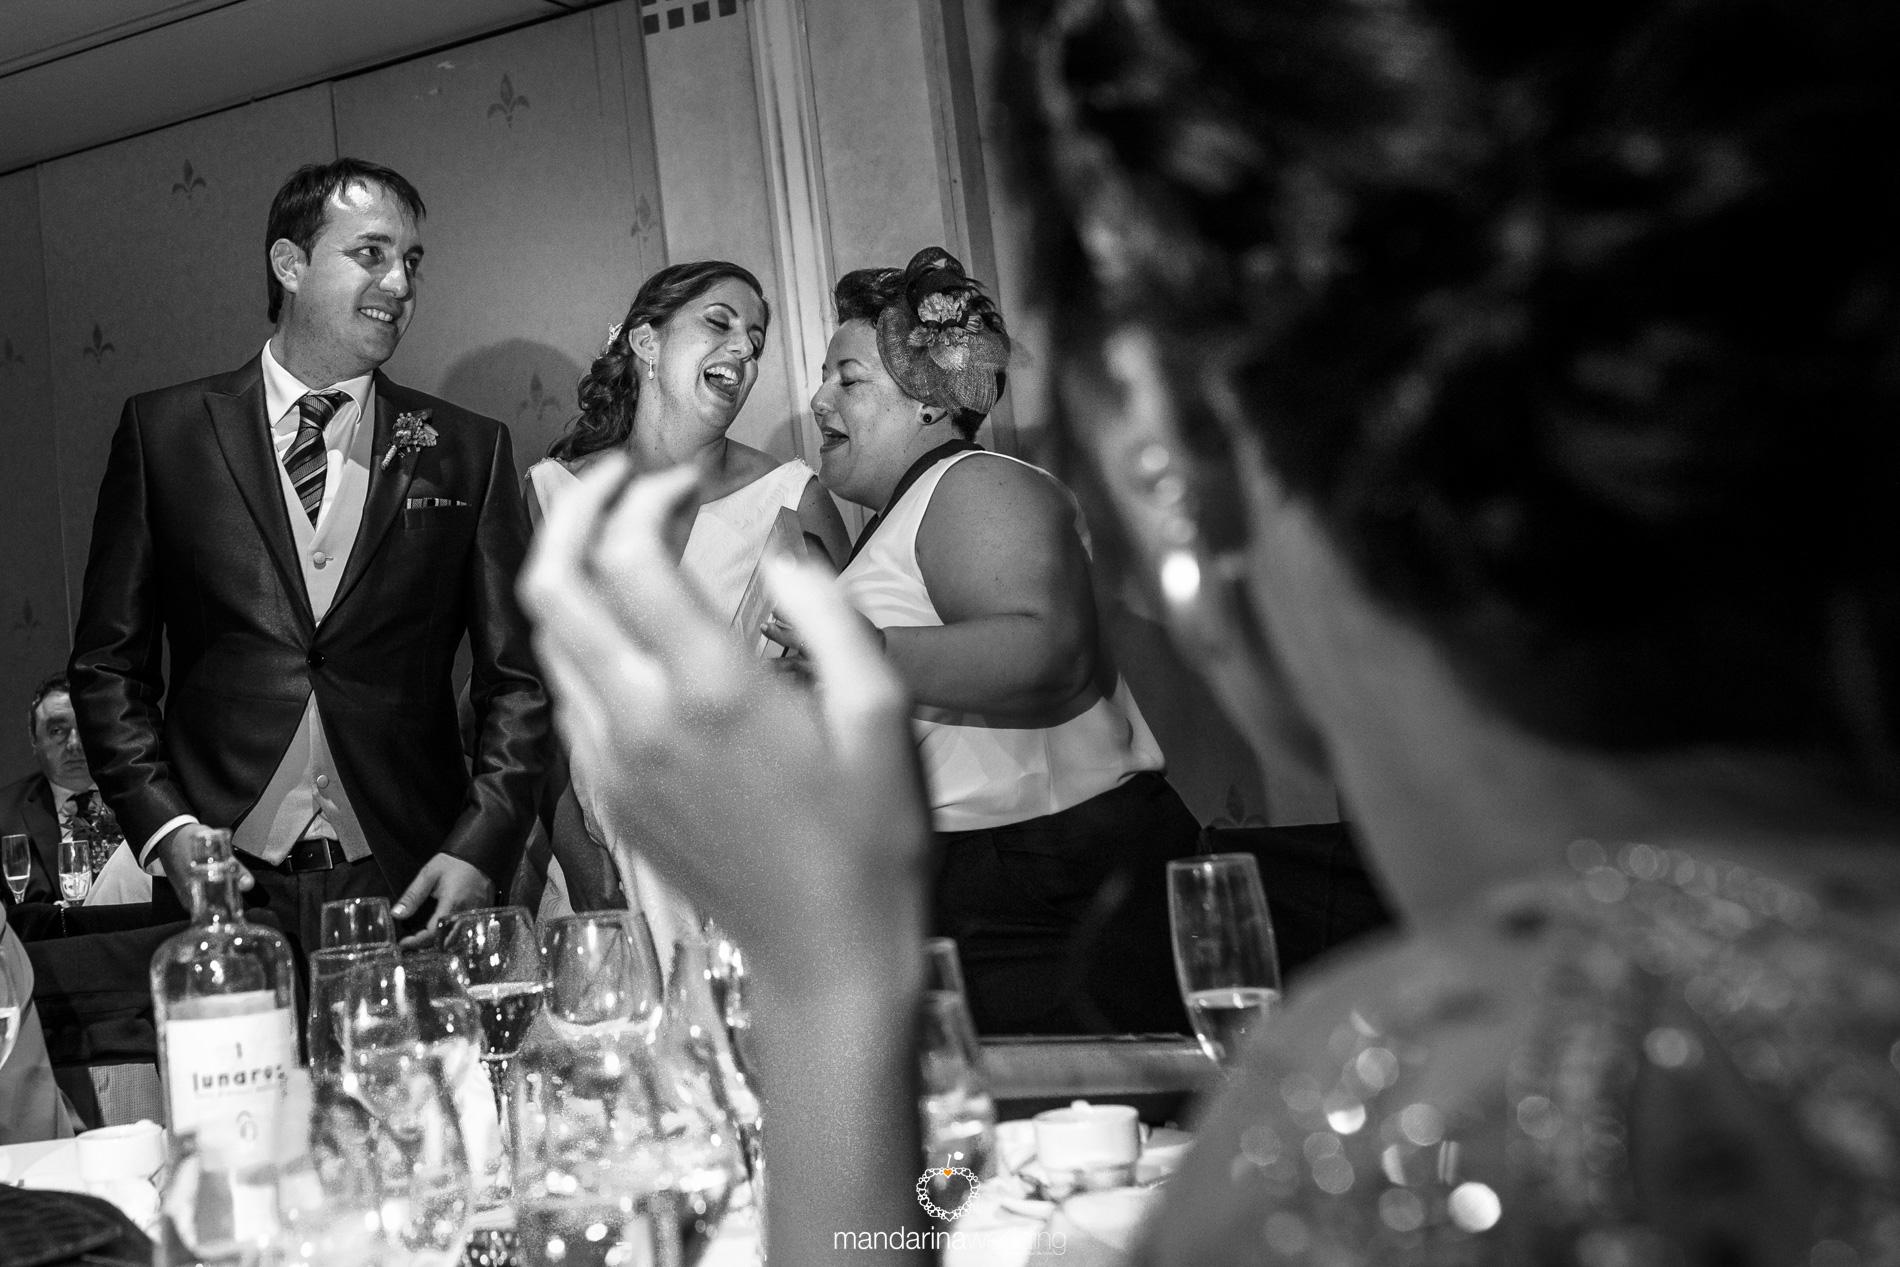 mandarina wedding, fotografo de boda, fotografo boda soria, fotografo boda barcelona, fotografo boda Madrid, fotografo boda lerida, fotografo boda Huesca, fotografo de destino_007